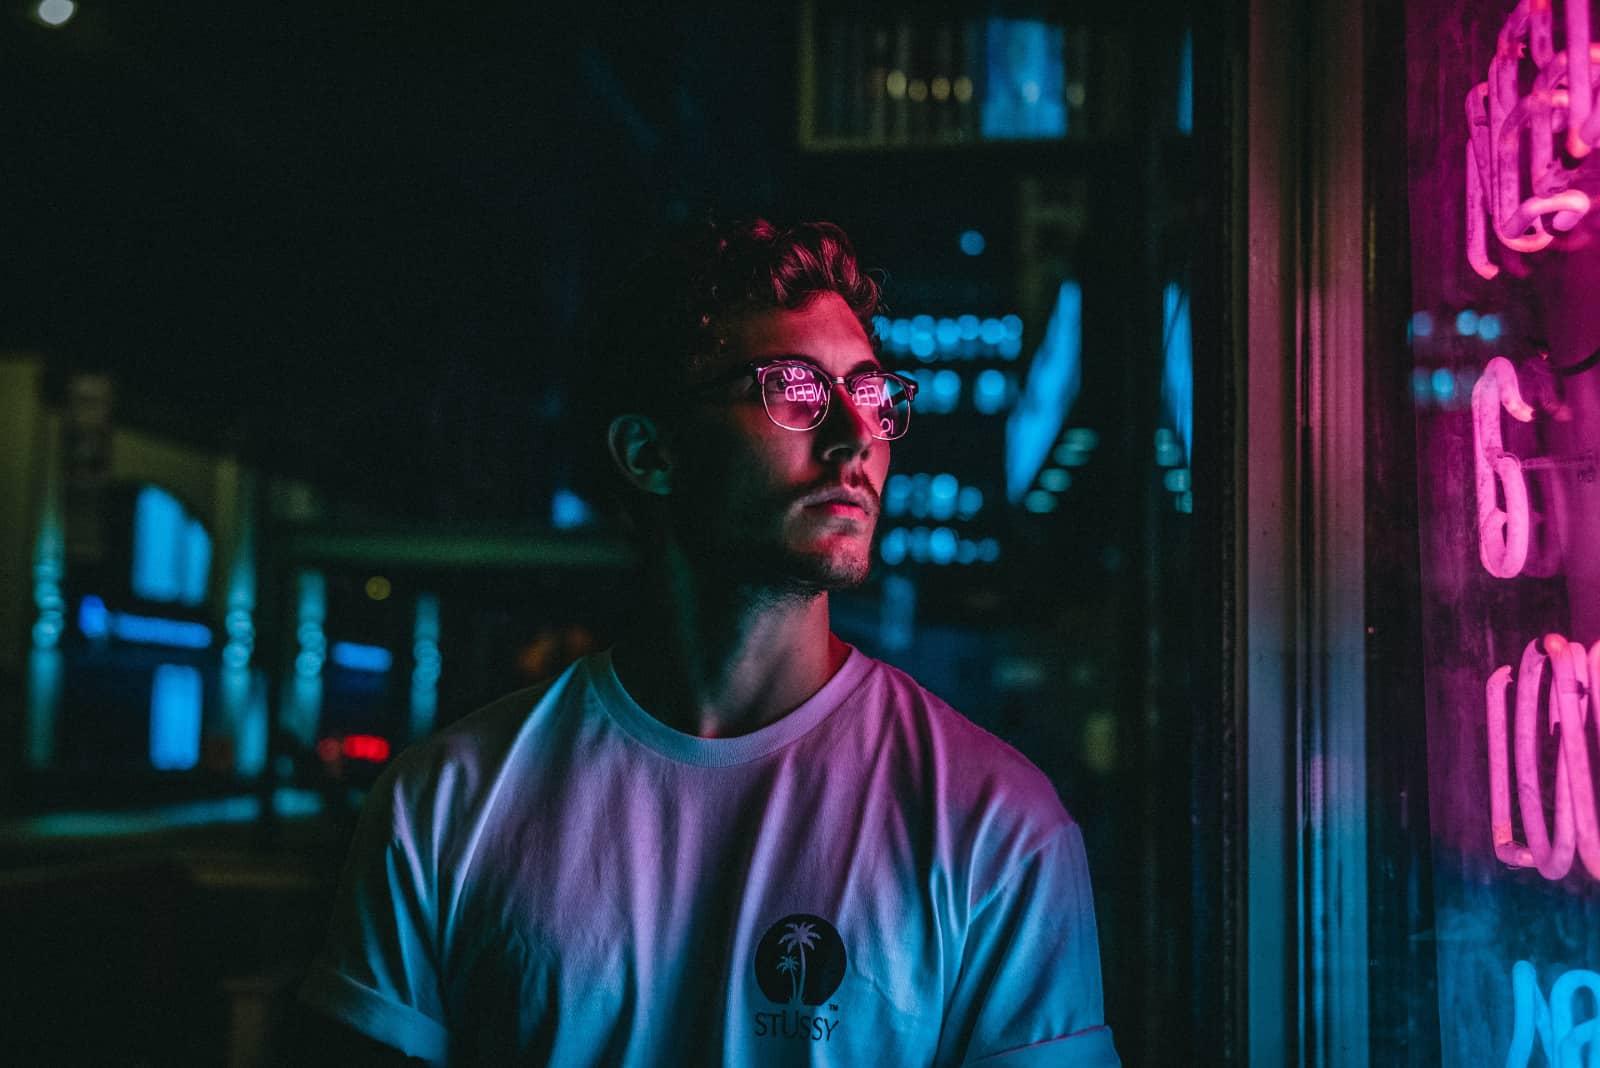 homme avec des lunettes debout à l'extérieur la nuit